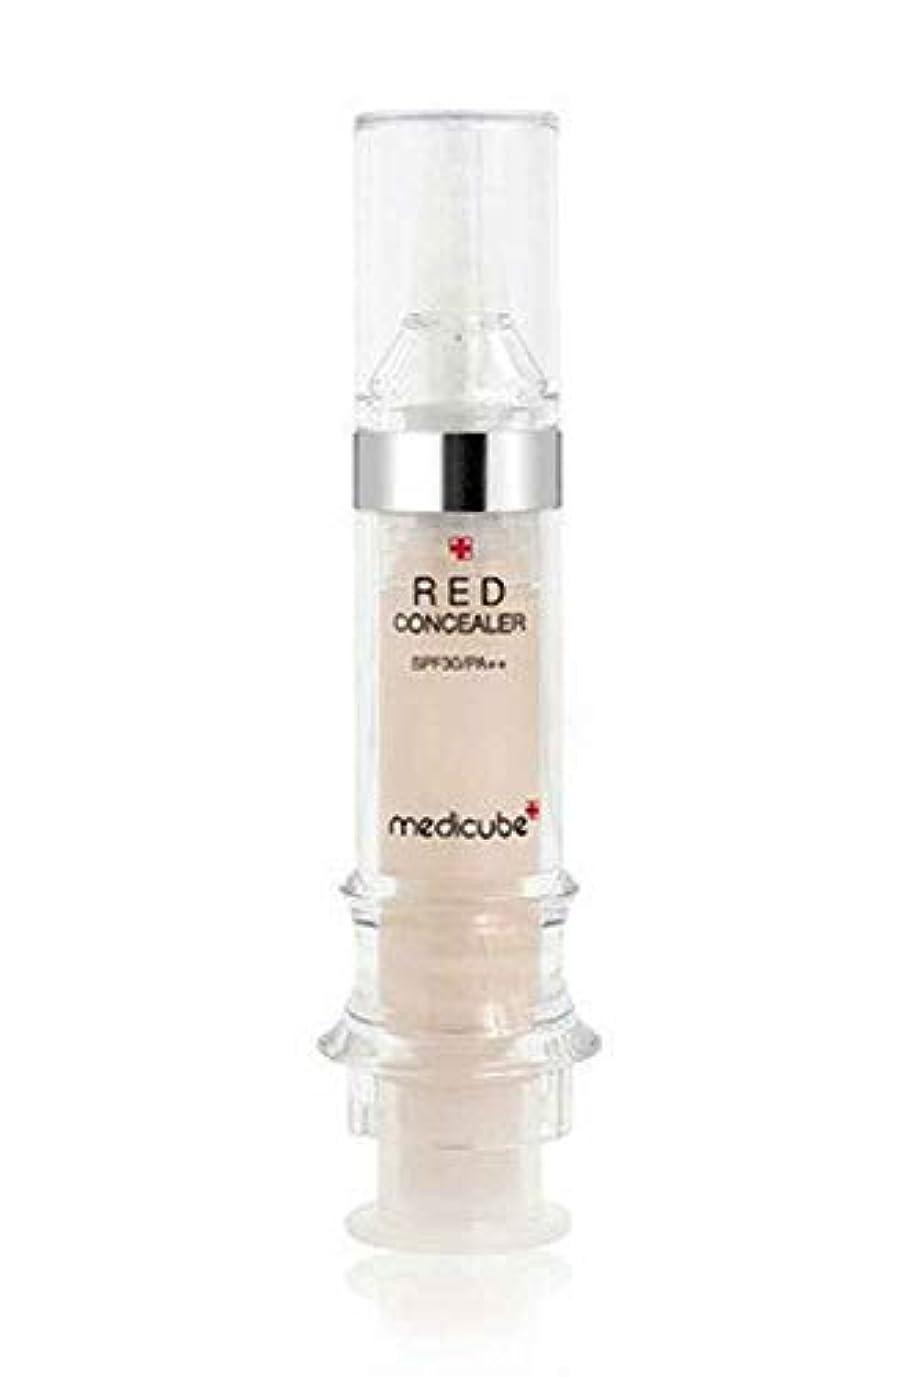 同様の退屈焦げ[Medicube]Red Red Concealer #21 5.5ml メディキューブ レッドコンシーラー#21 5.5ml [並行輸入品]